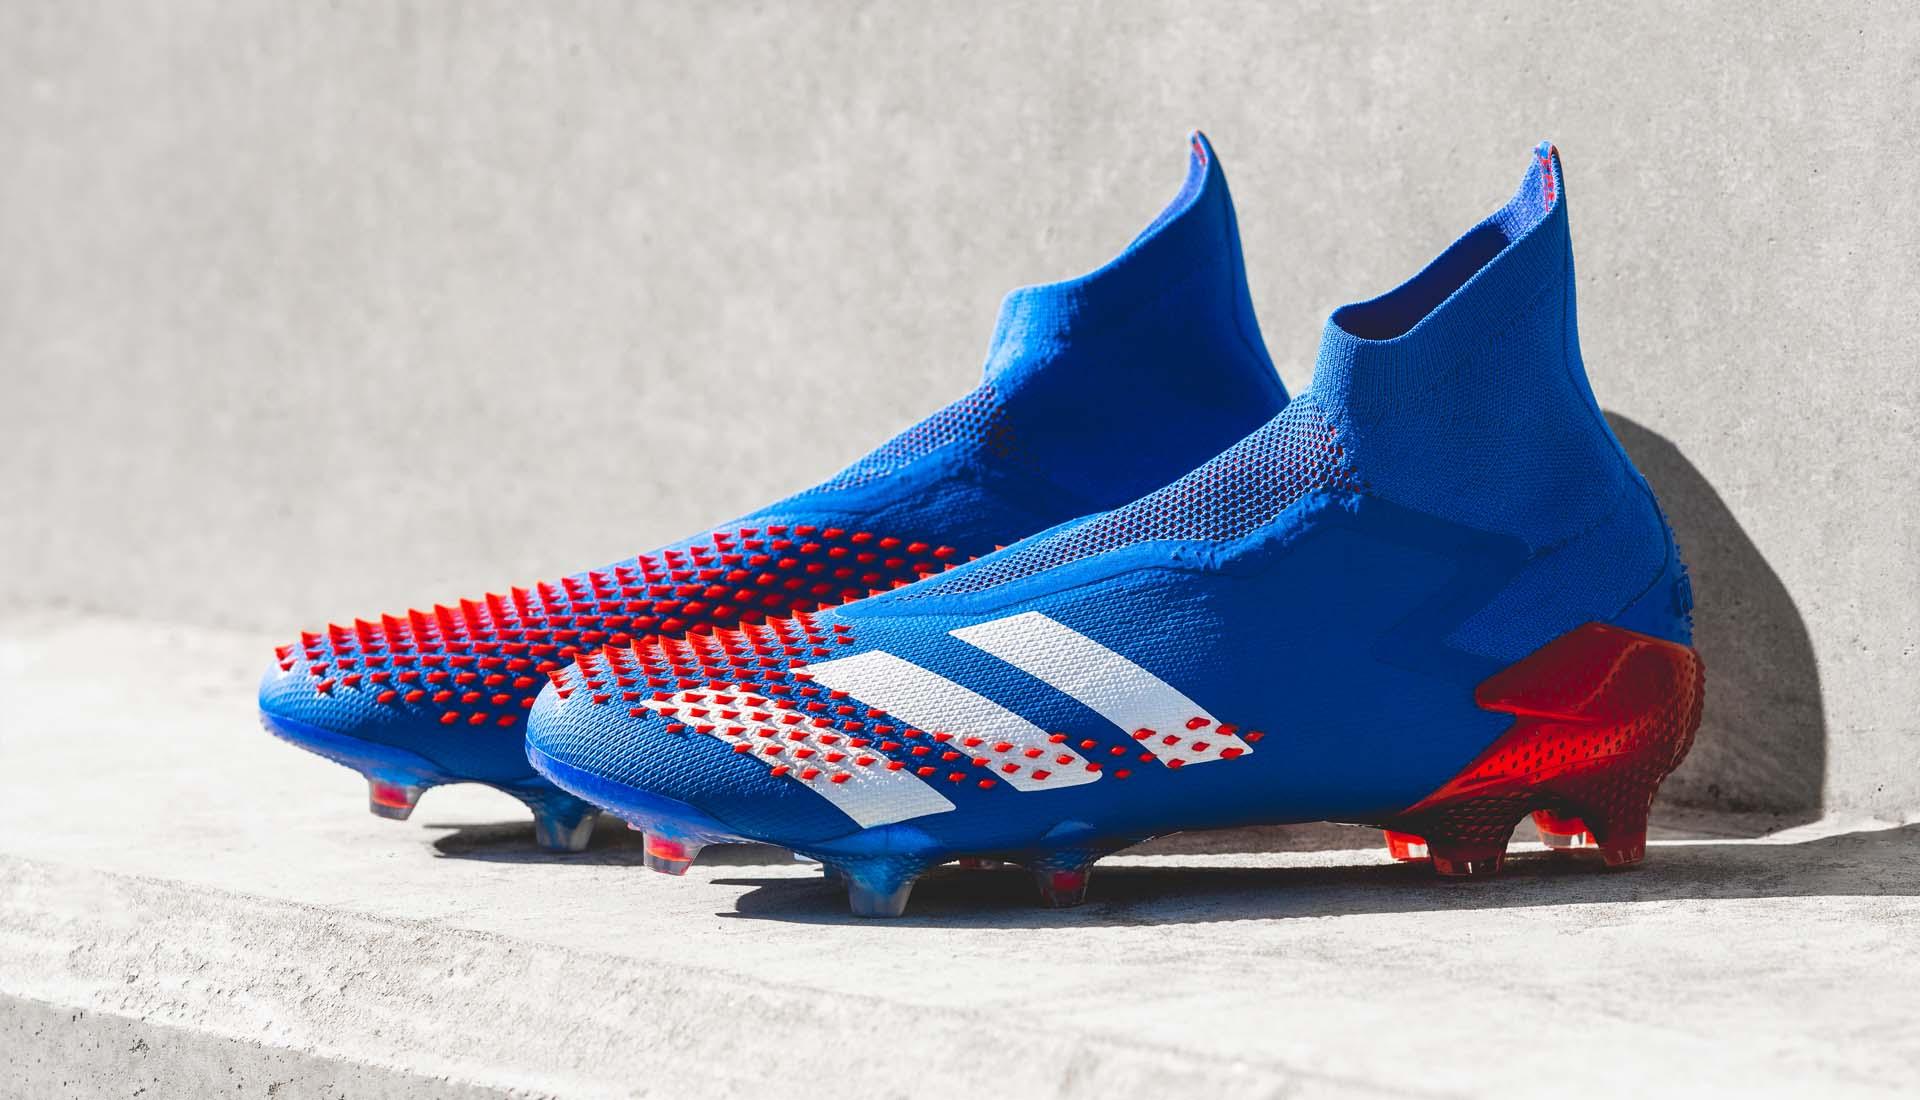 Giày đá bóng không dây Adidas Predator 20+ phiên bản cao cấp Top-End